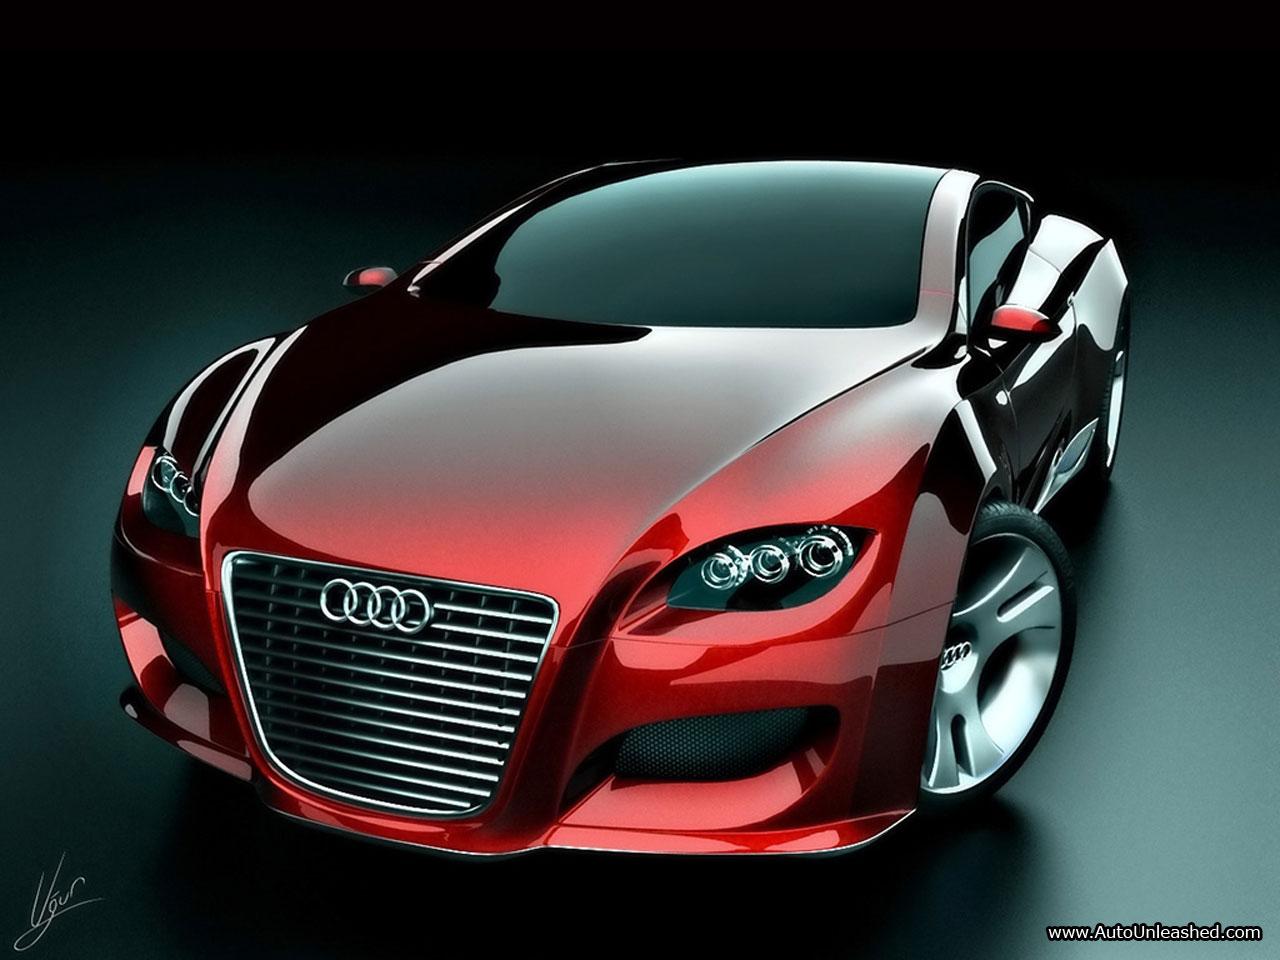 http://1.bp.blogspot.com/-lCOQiVSfNTg/ThA07tuTc8I/AAAAAAAAFhg/ka88GHtPLPU/s1600/concept+car+wallpapers-1.jpg